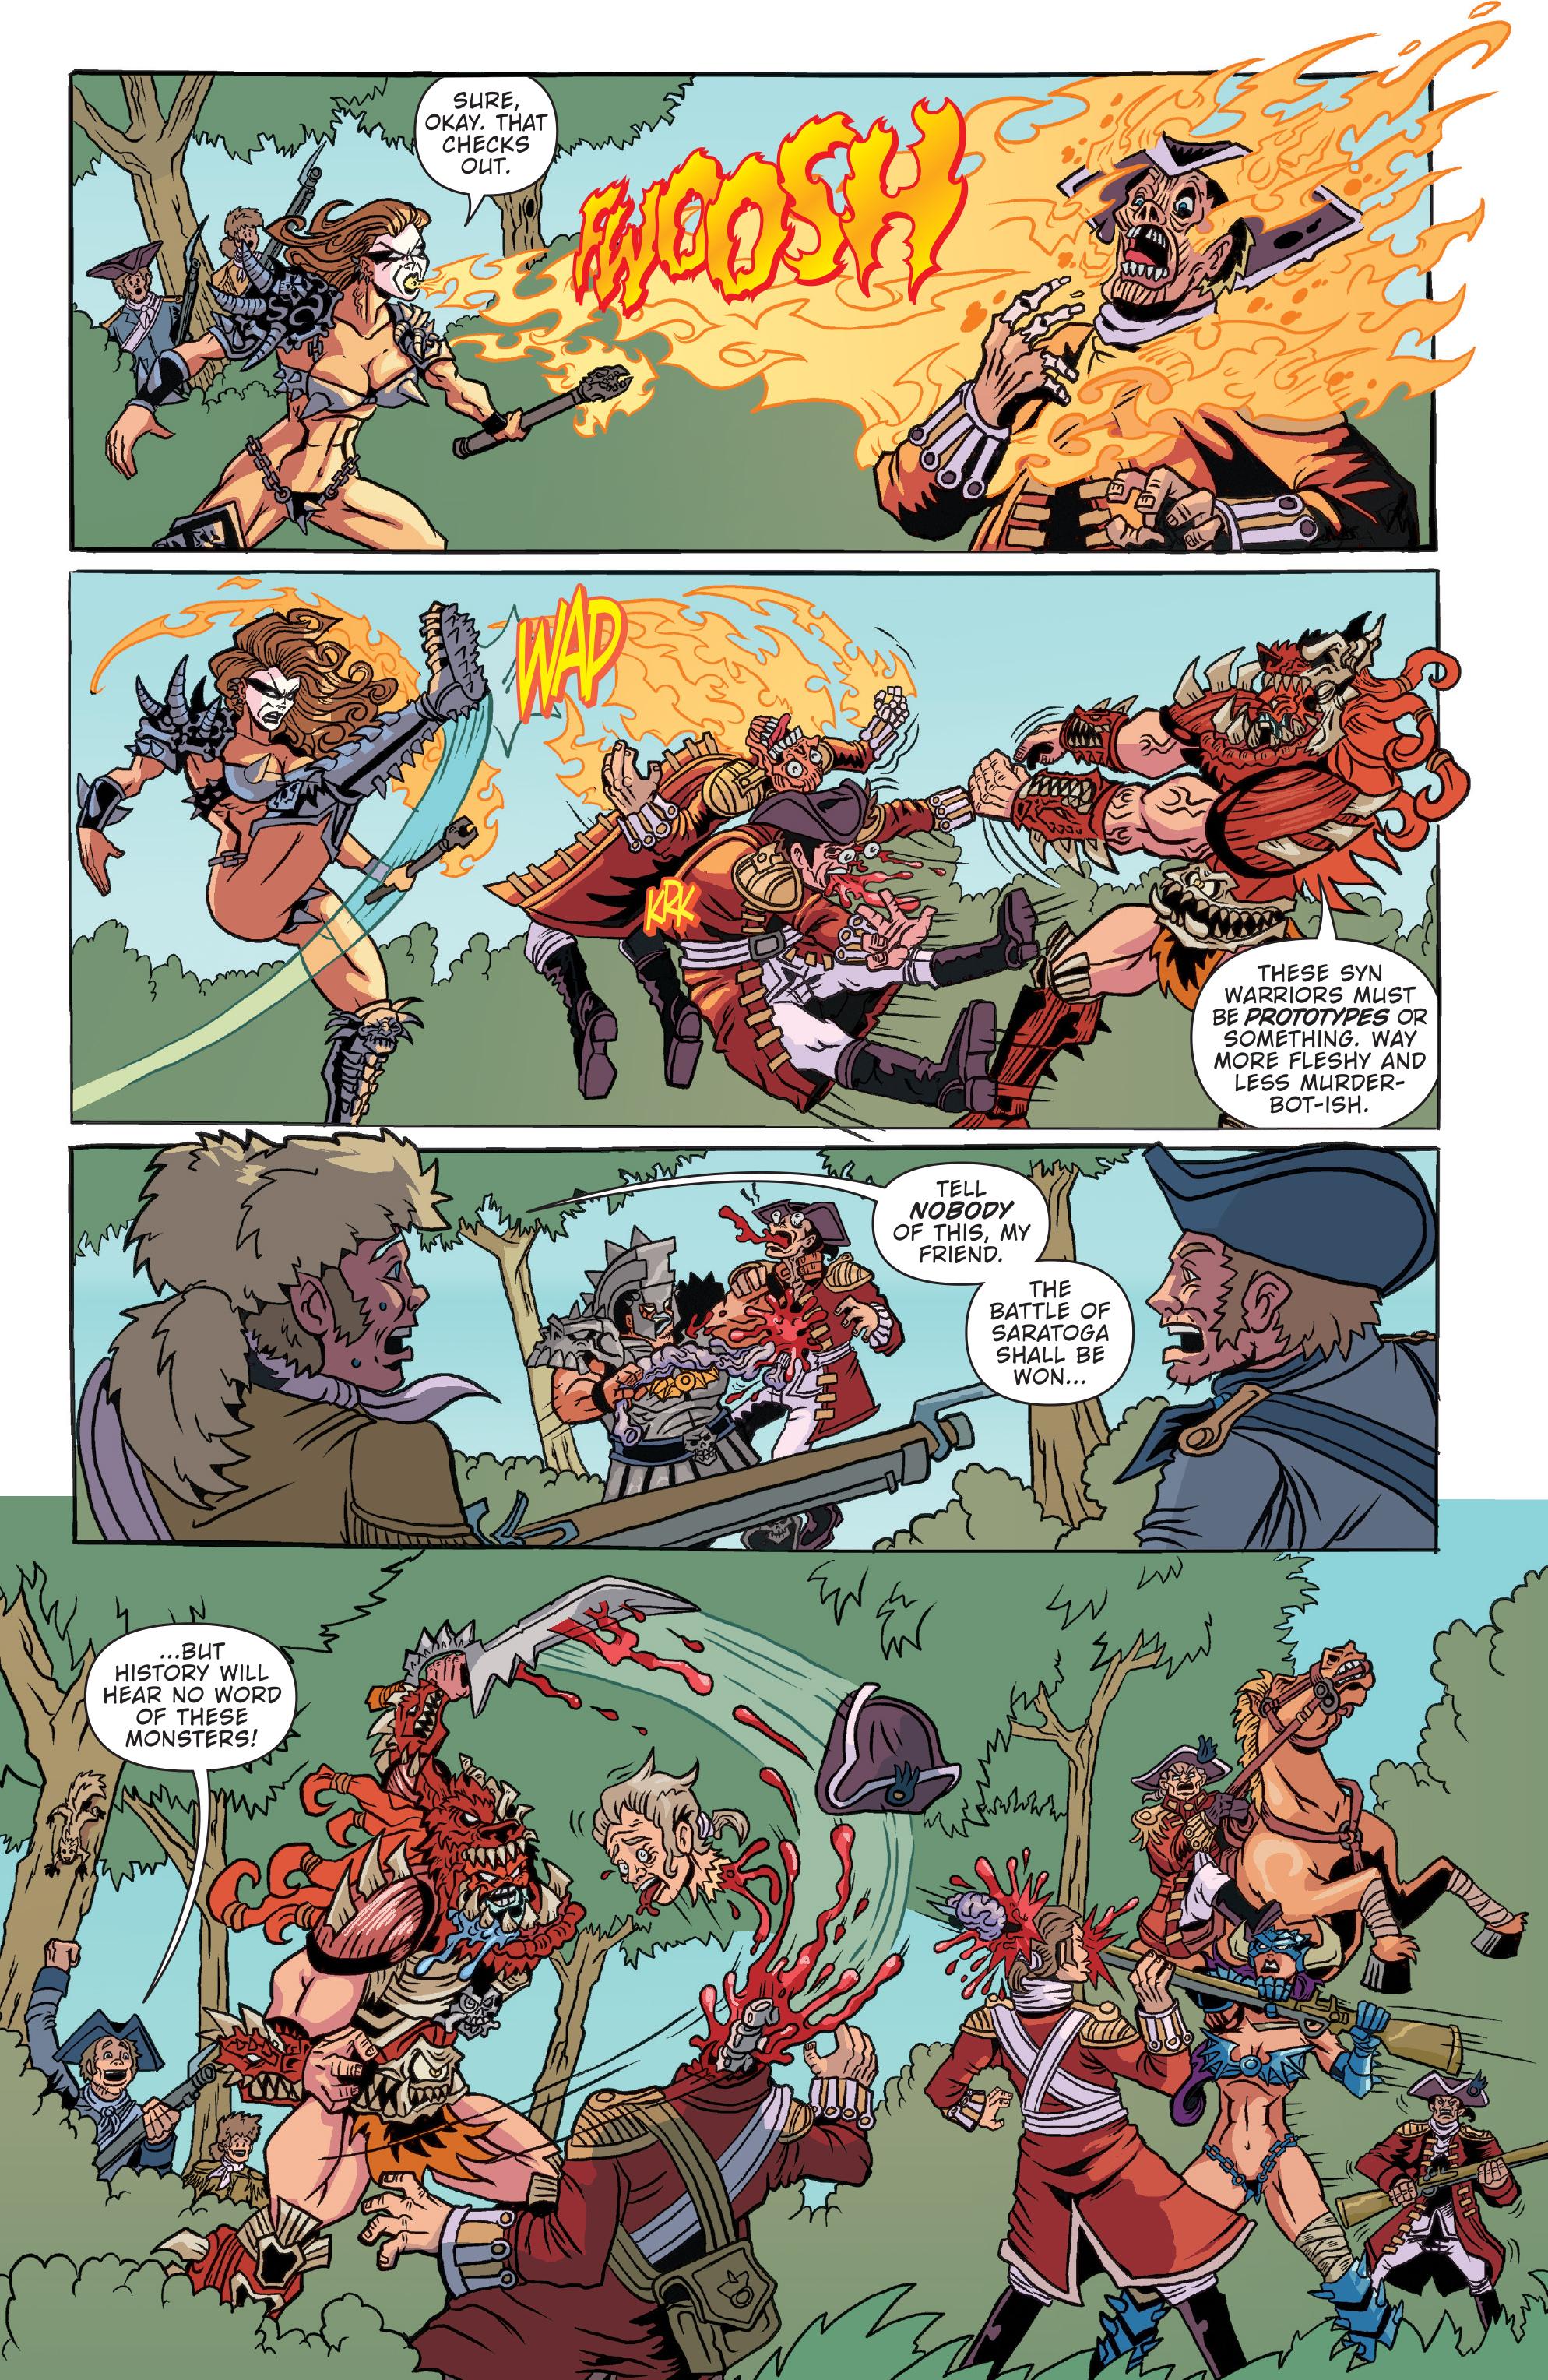 Read online Gwar: Orgasmageddon comic -  Issue #1 - 13